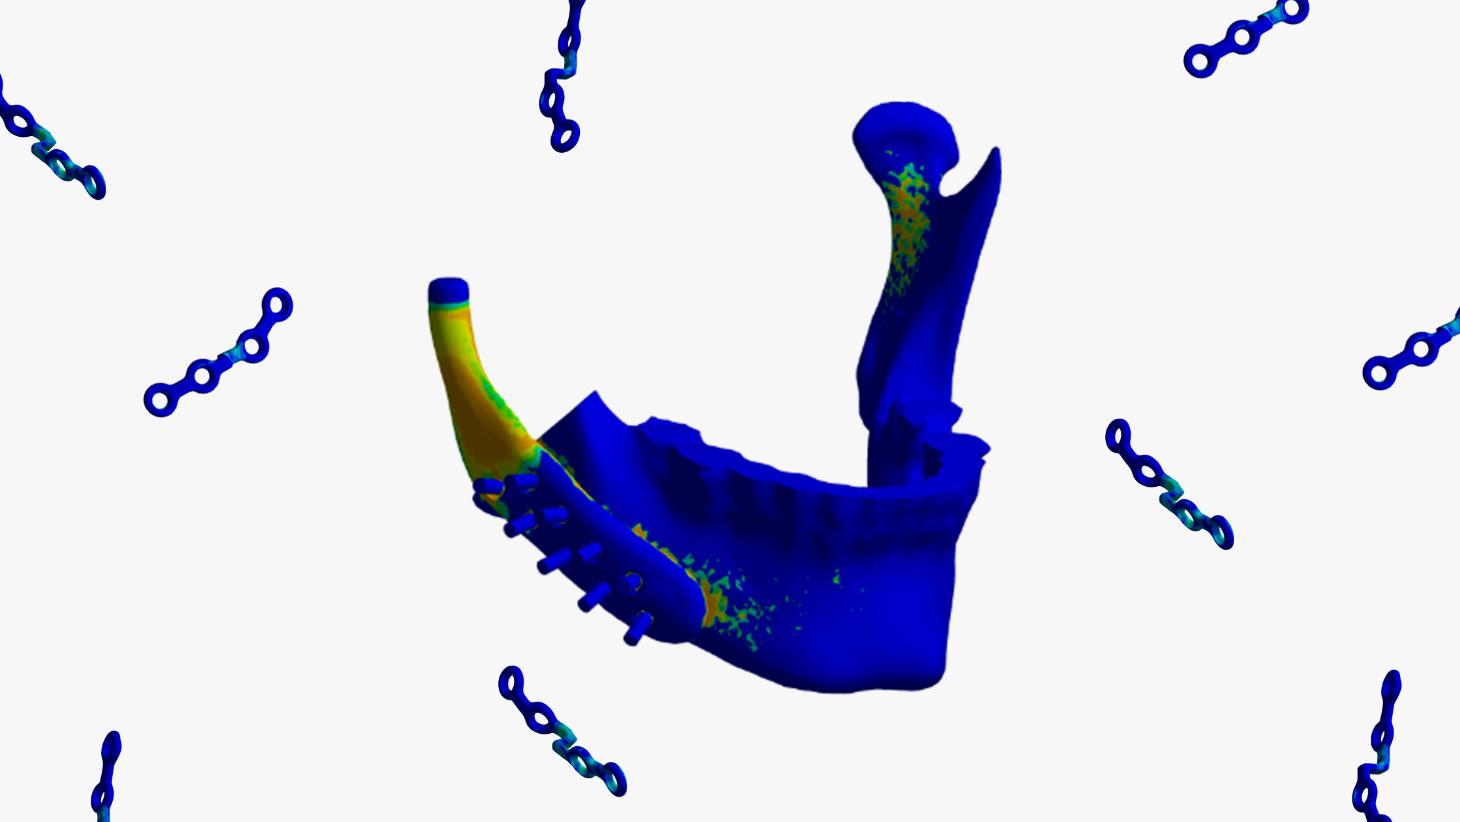 Startup investe em simulação para se tornar referência no setor de implantes e próteses médicas customizadas